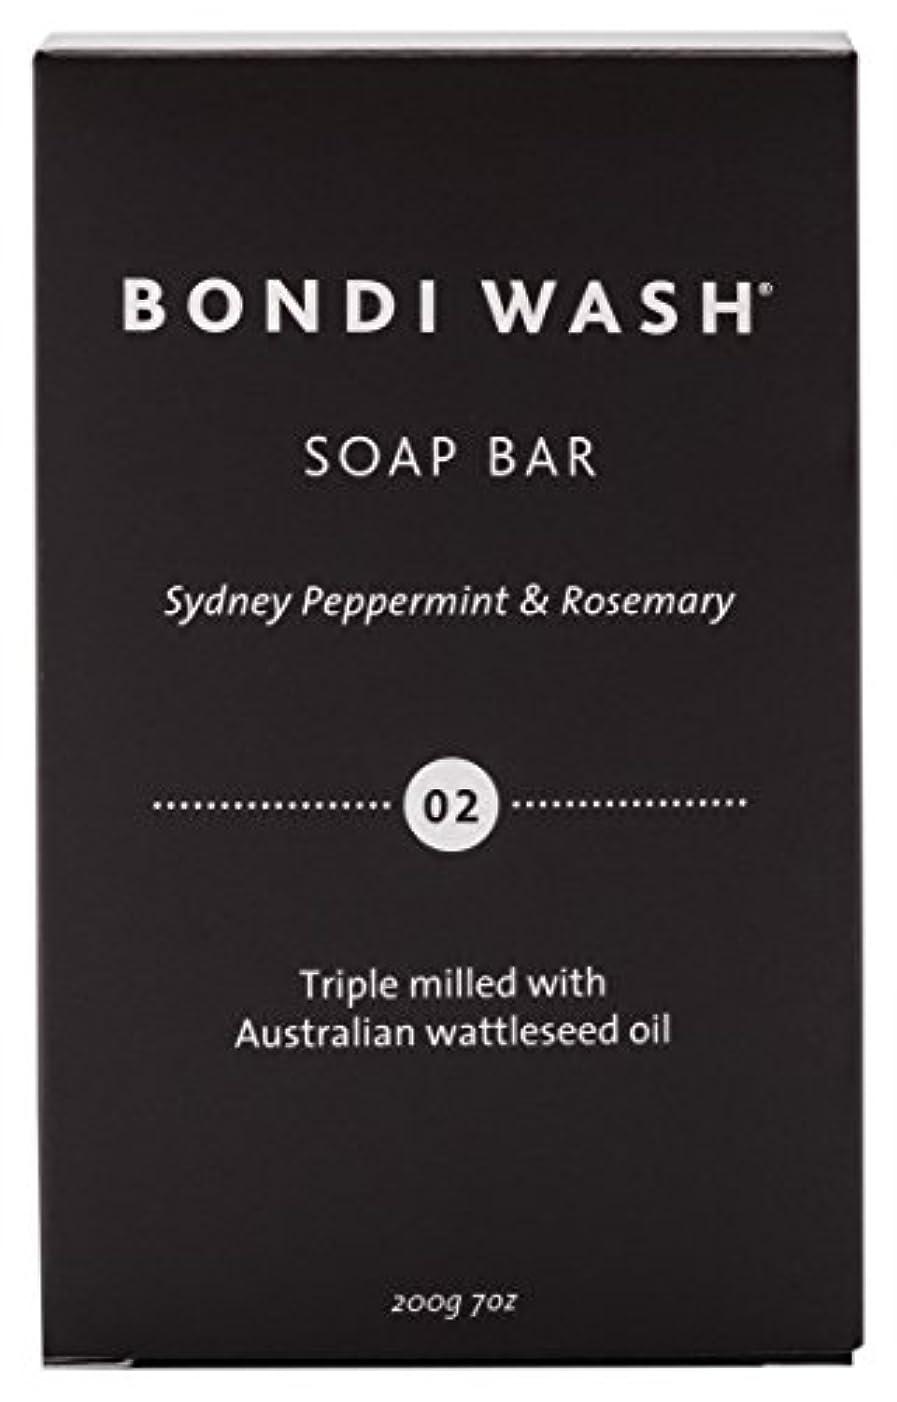 トークン予防接種アクチュエータBONDI WASH ソープバー(固形石鹸) シドニーペパーミント&ローズマリー 200g